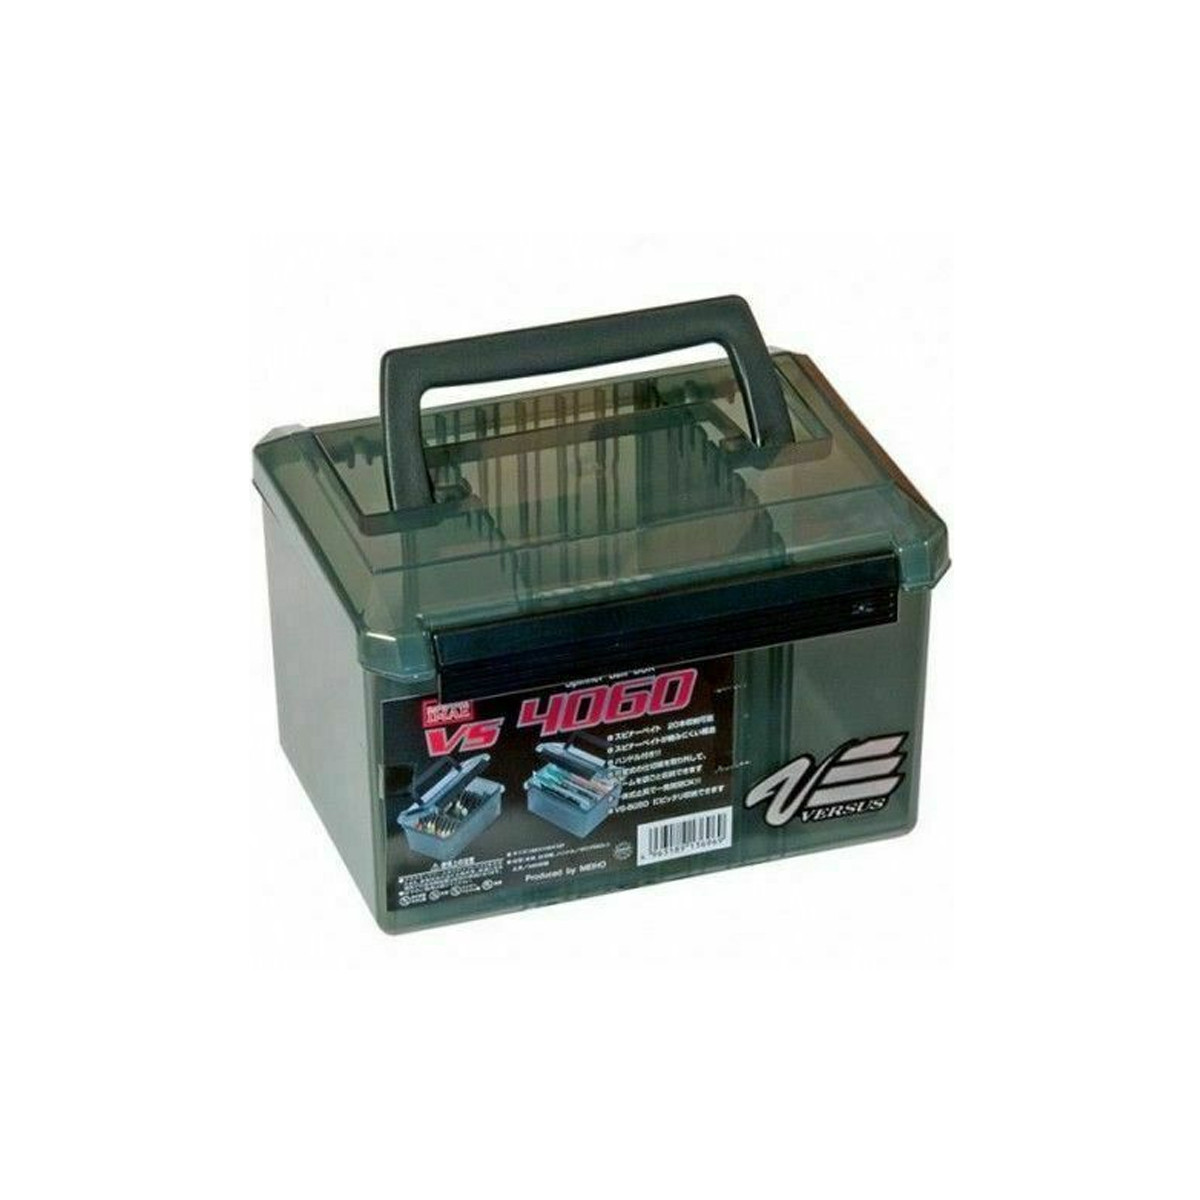 MEIHO VERSUS VS-4060 SPINNER BAIT BOX